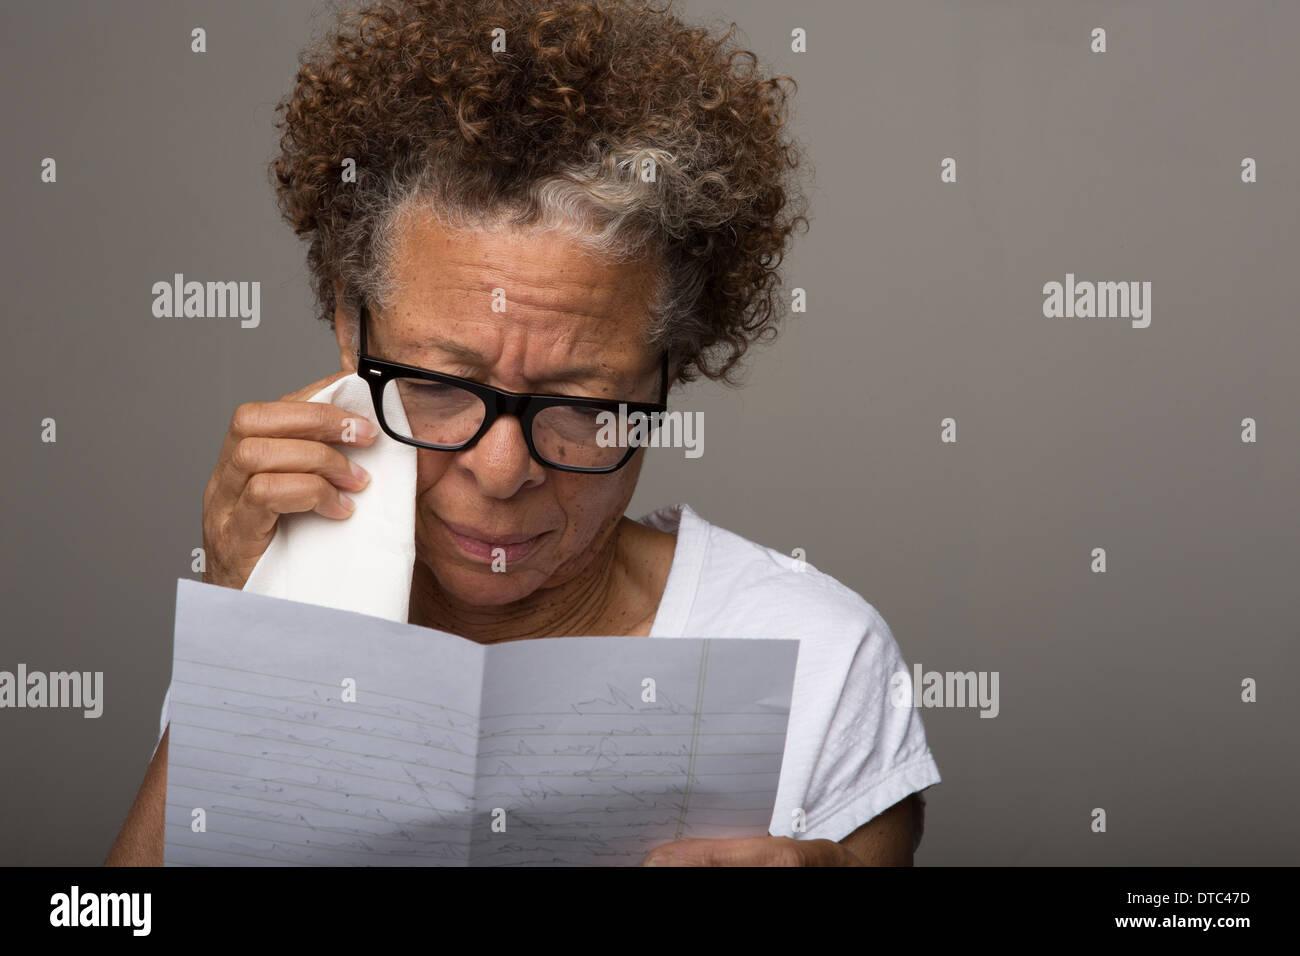 Studioportrait traurig senior Frau liest einen Brief Stockbild